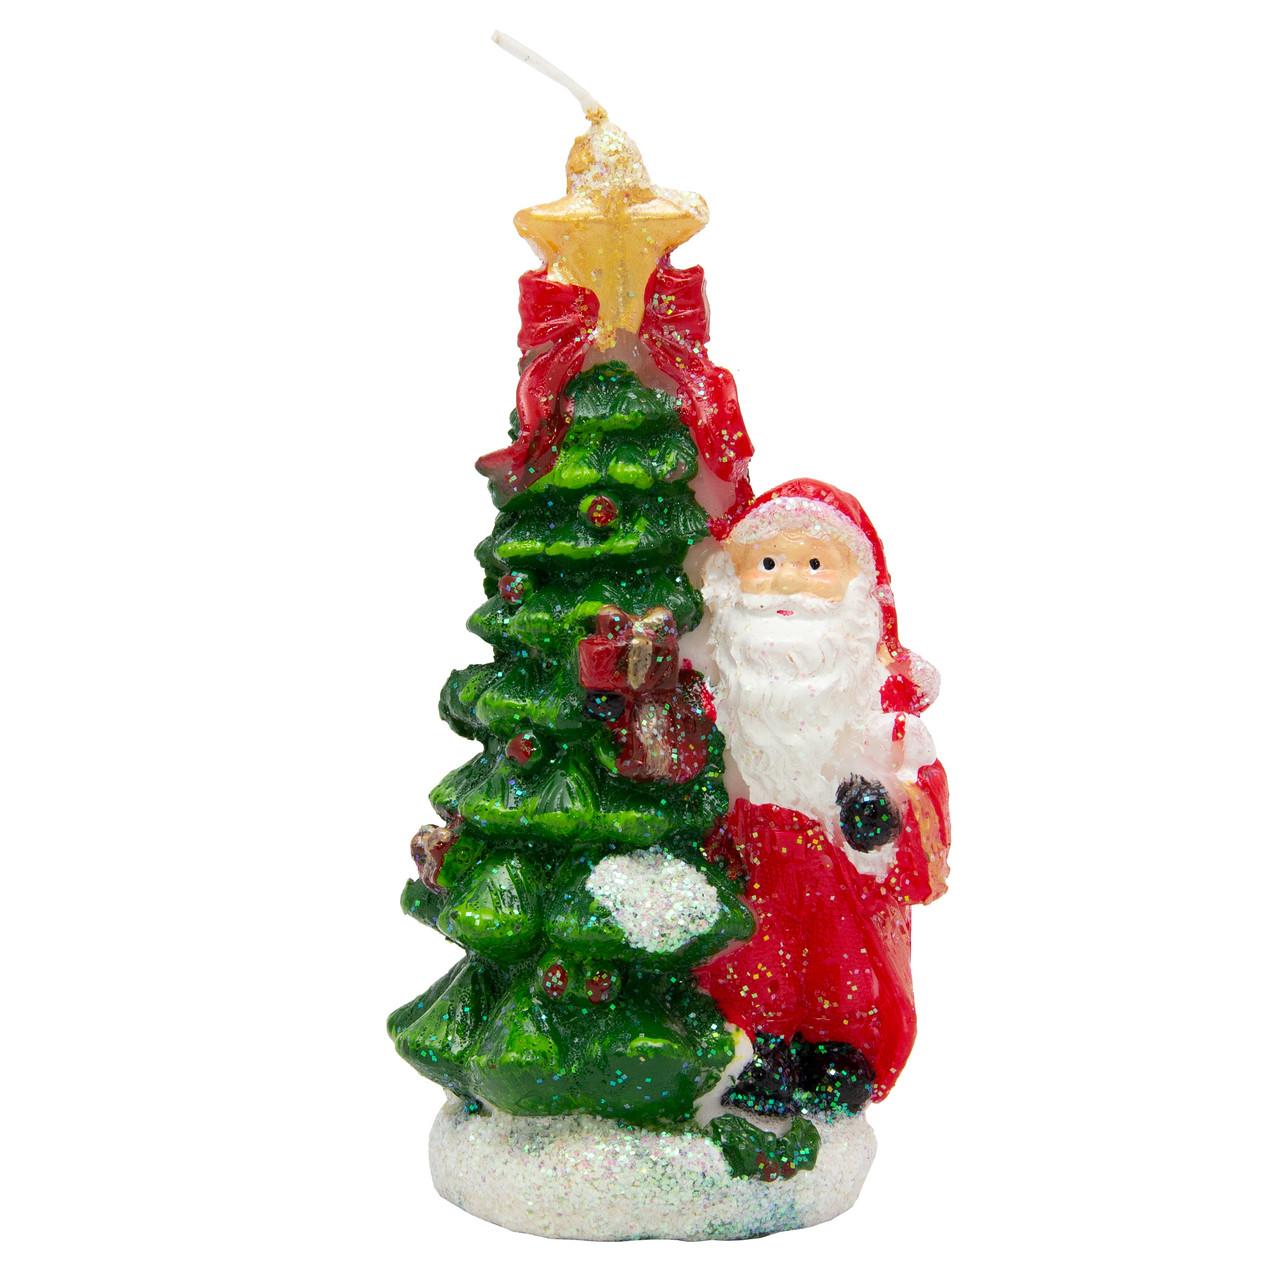 Свечка - Елочка и Дед Мороз, 5,7*4*10 см, зеленый с красным, воск (791156)